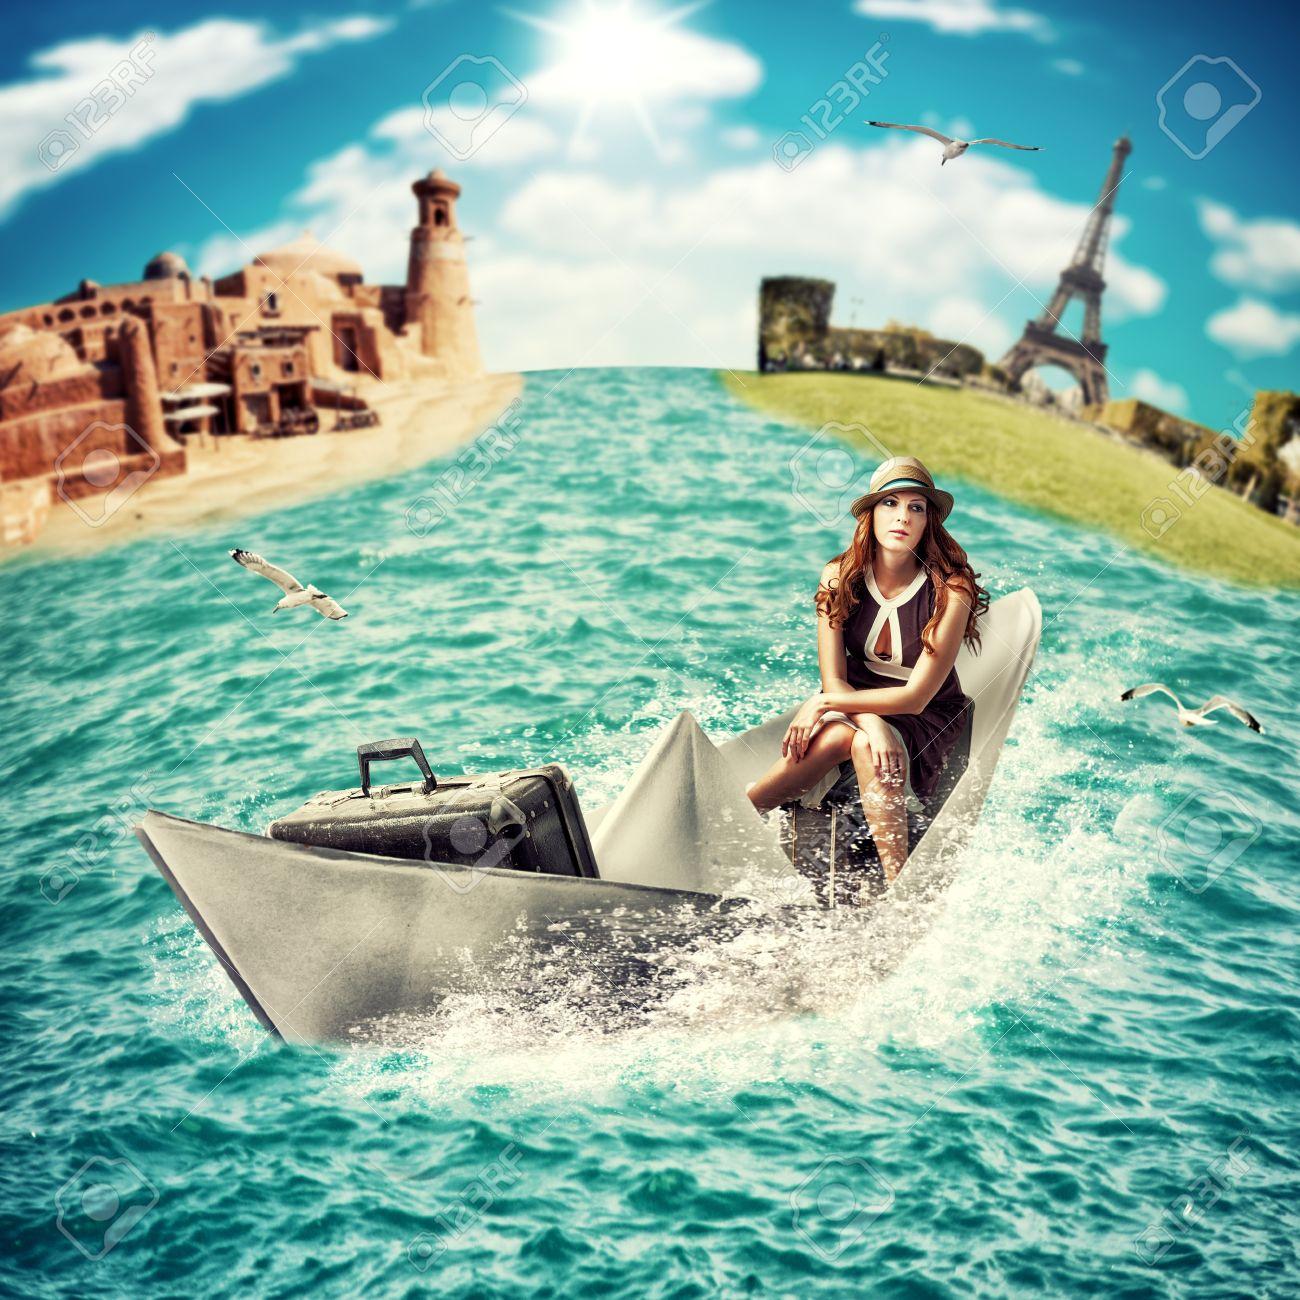 Concepto Del Recorrido - Soñando Travesía Del Mar En Todo El Mundo La Mujer Con Flotadores Equipaje En El Barco De Papel En El Océano Fotos, Retratos, Imágenes Y Fotografía De Archivo